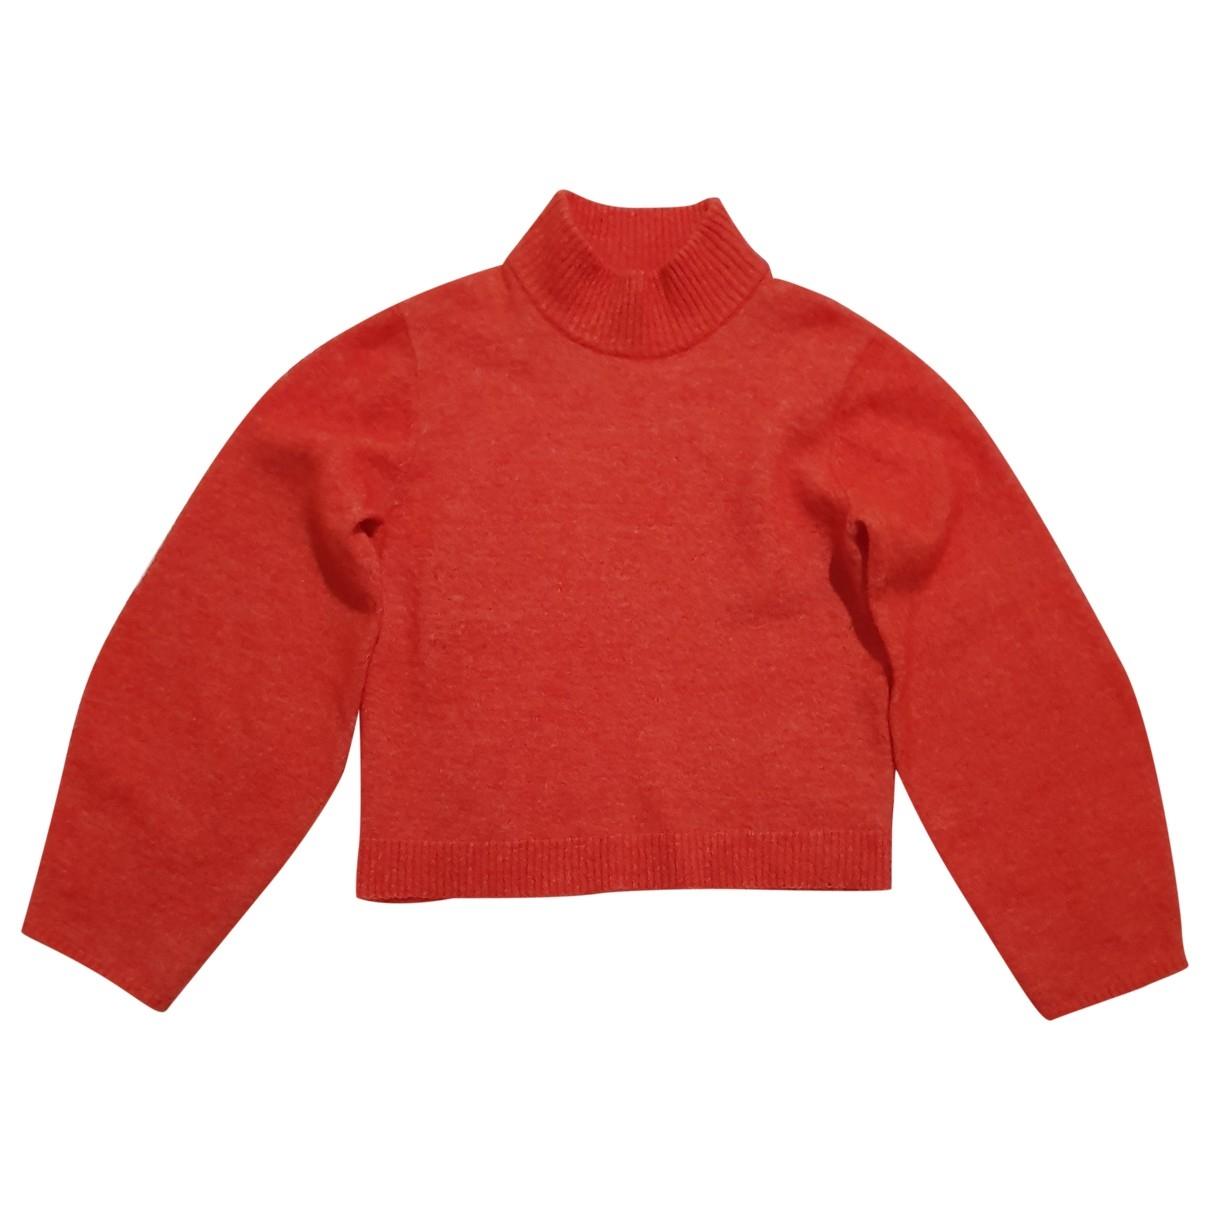 H&m Studio \N Orange Wool Knitwear for Women M International